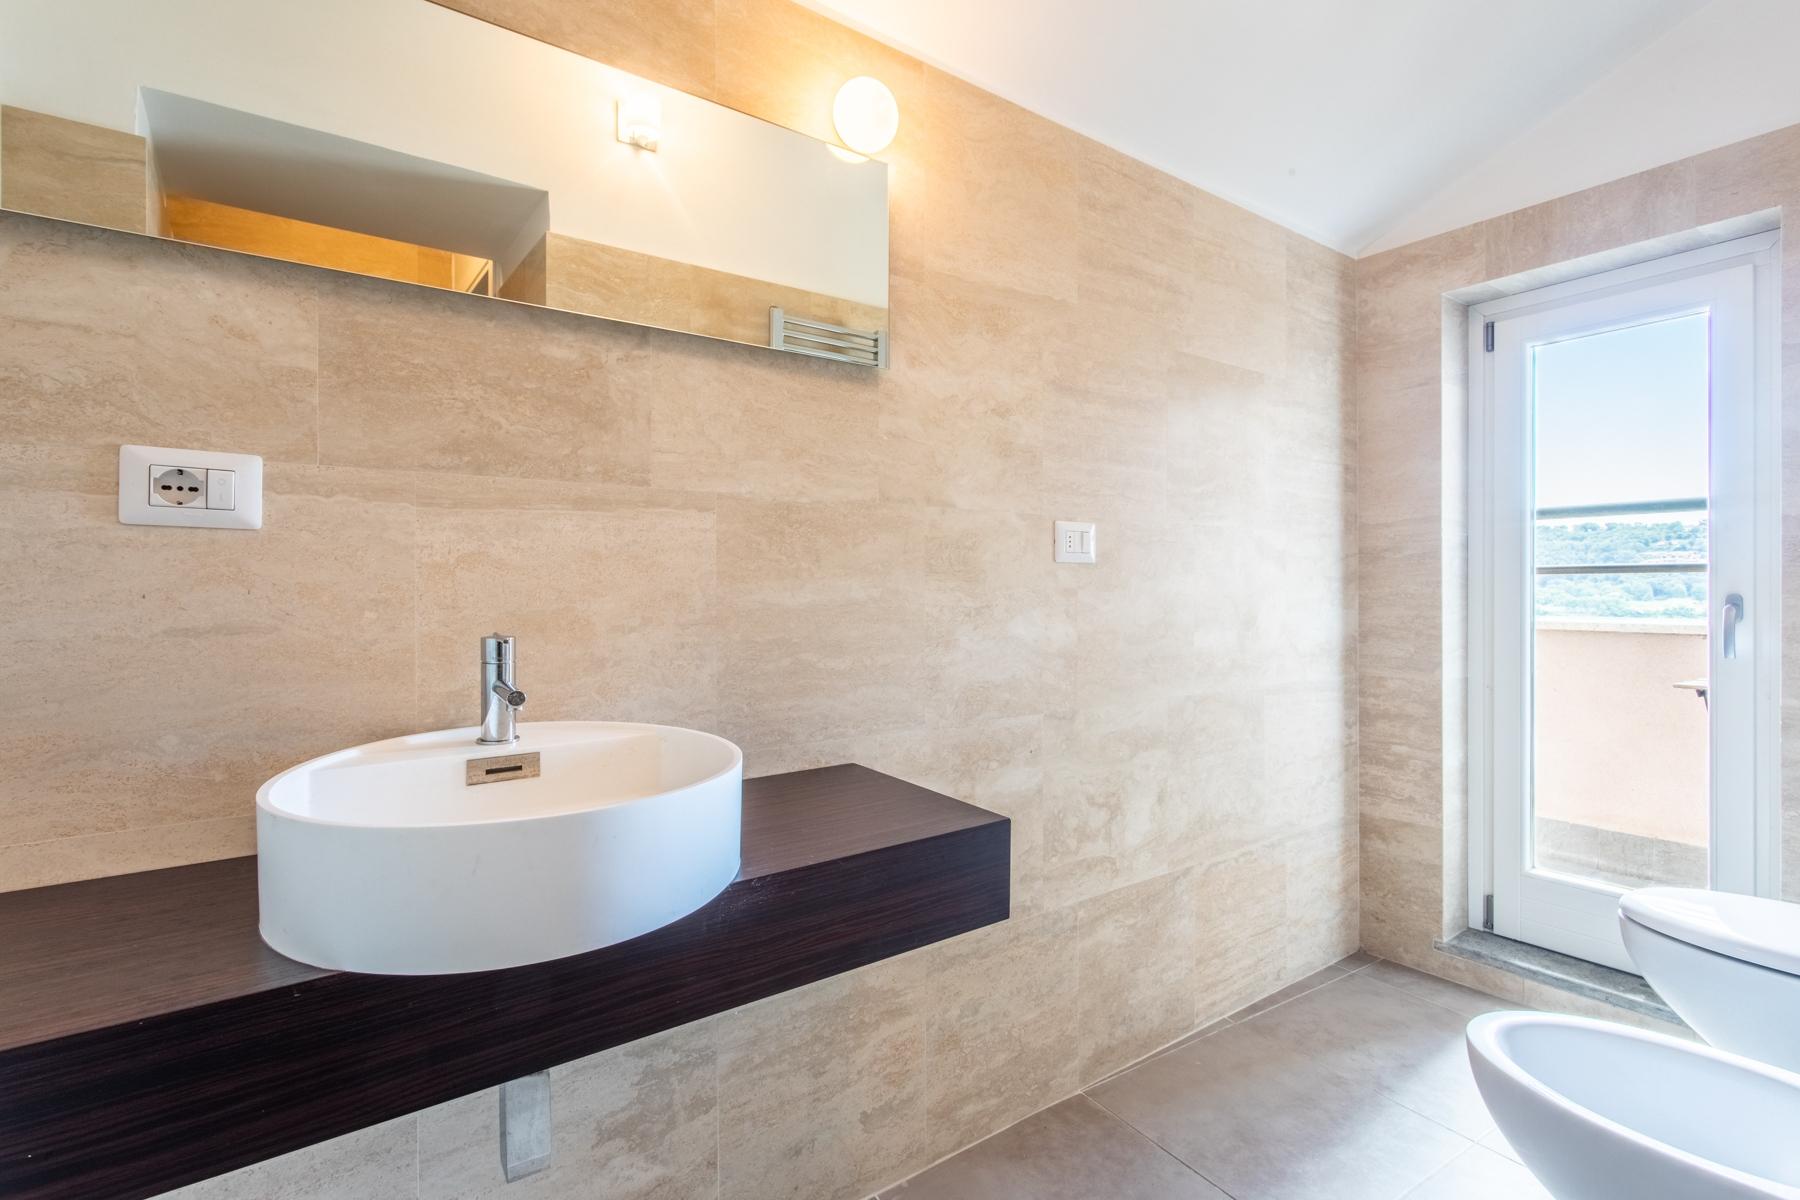 Appartamento in Vendita a Trevignano Romano: 4 locali, 85 mq - Foto 7